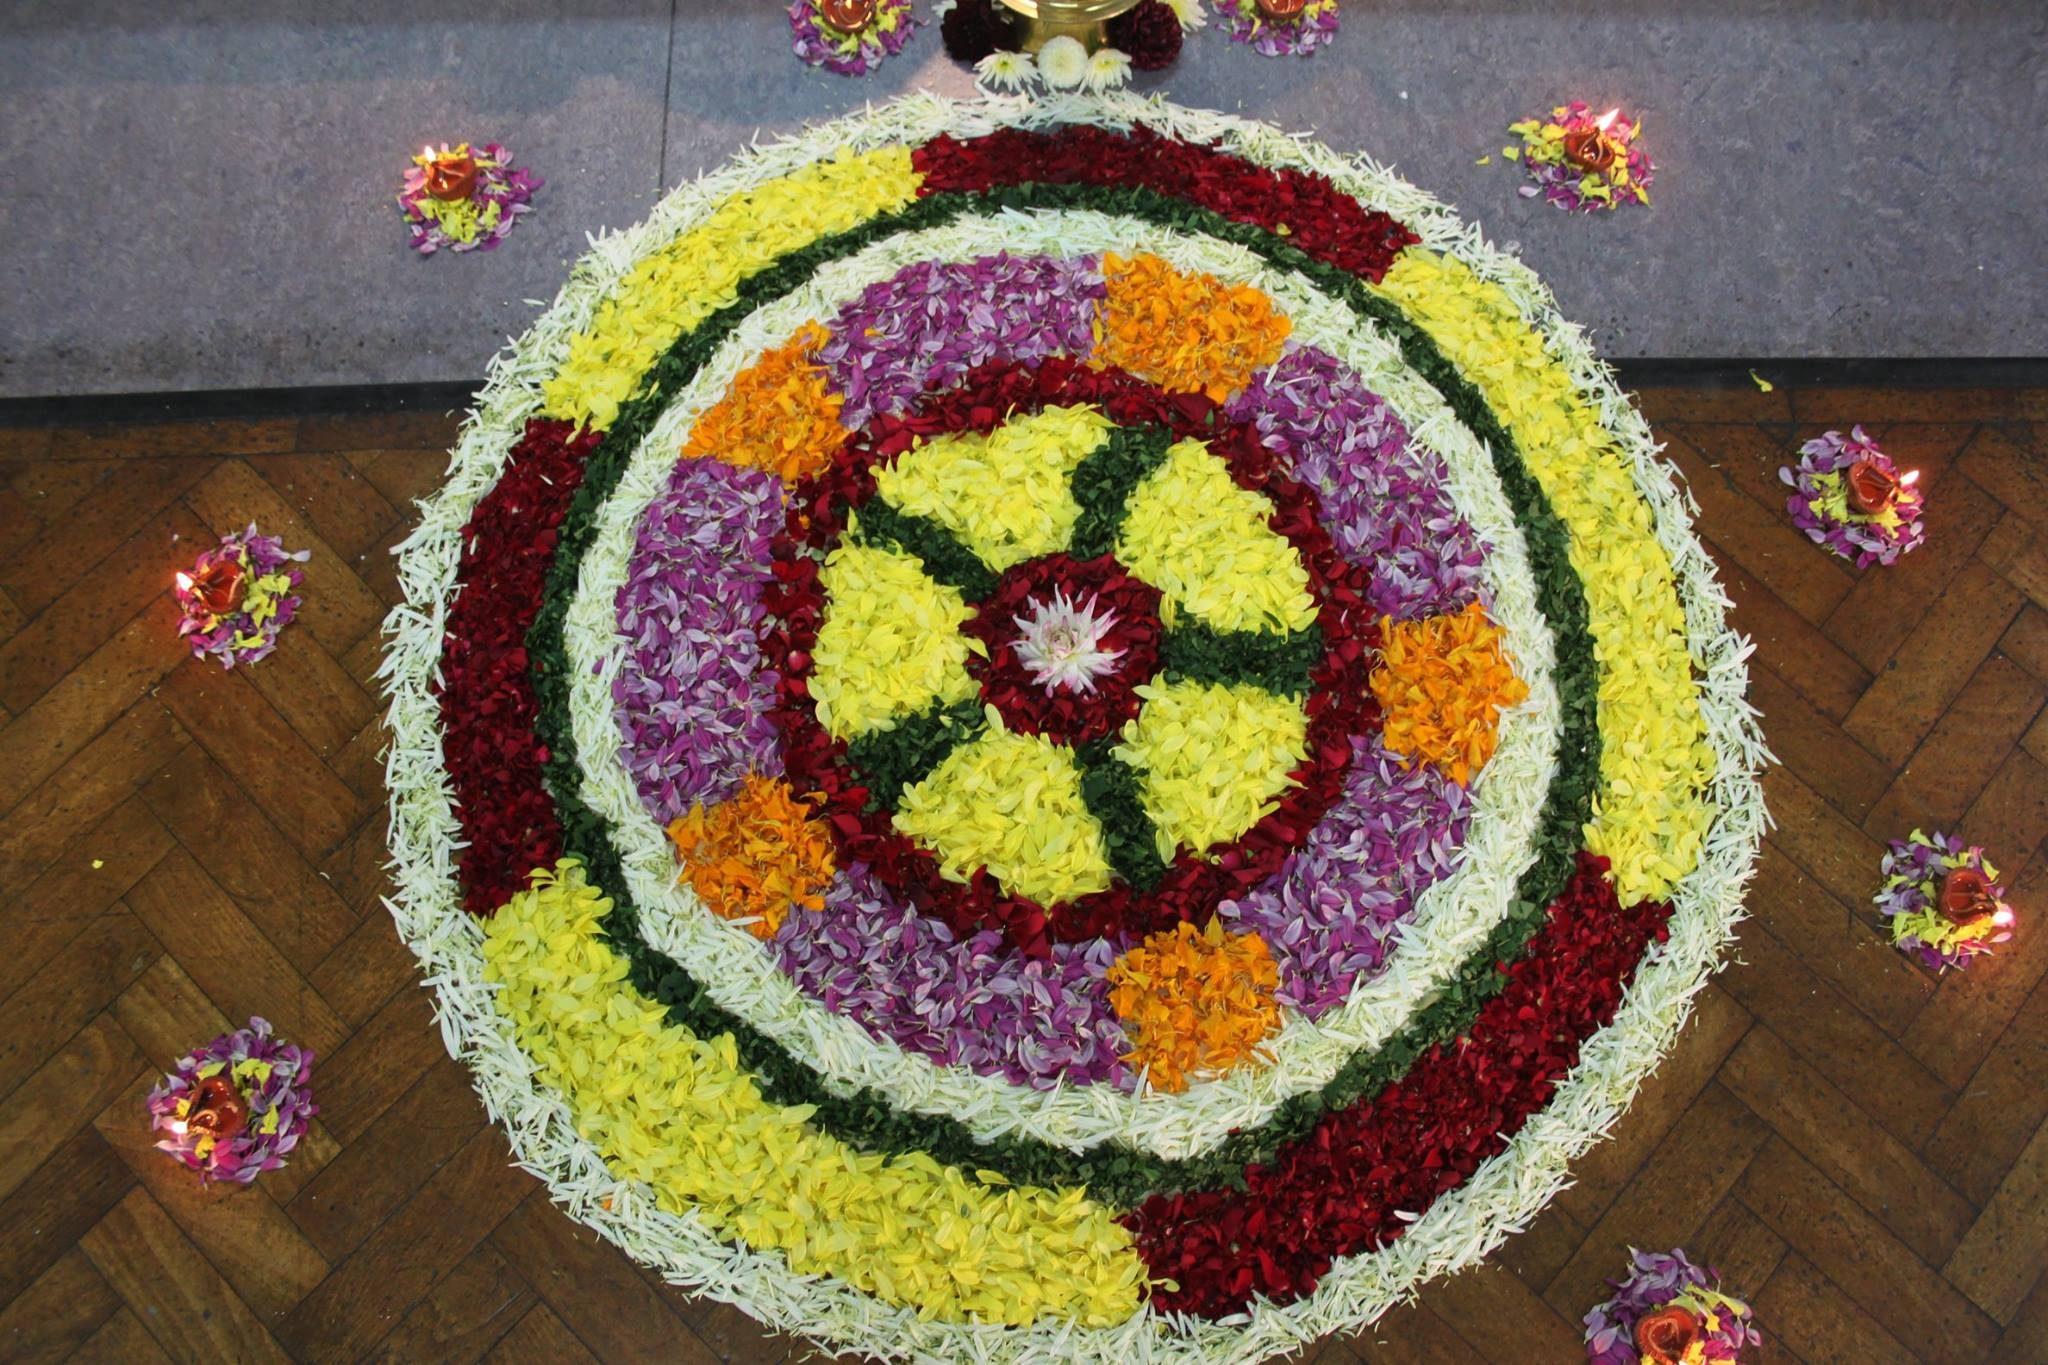 ലണ്ടൻ ഹിന്ദു ഐക്യവേദിയുടെ ഓണാഘോഷം സെപ്റ്റംബർ 28 ന് ക്രോയിഡോണിൽ: